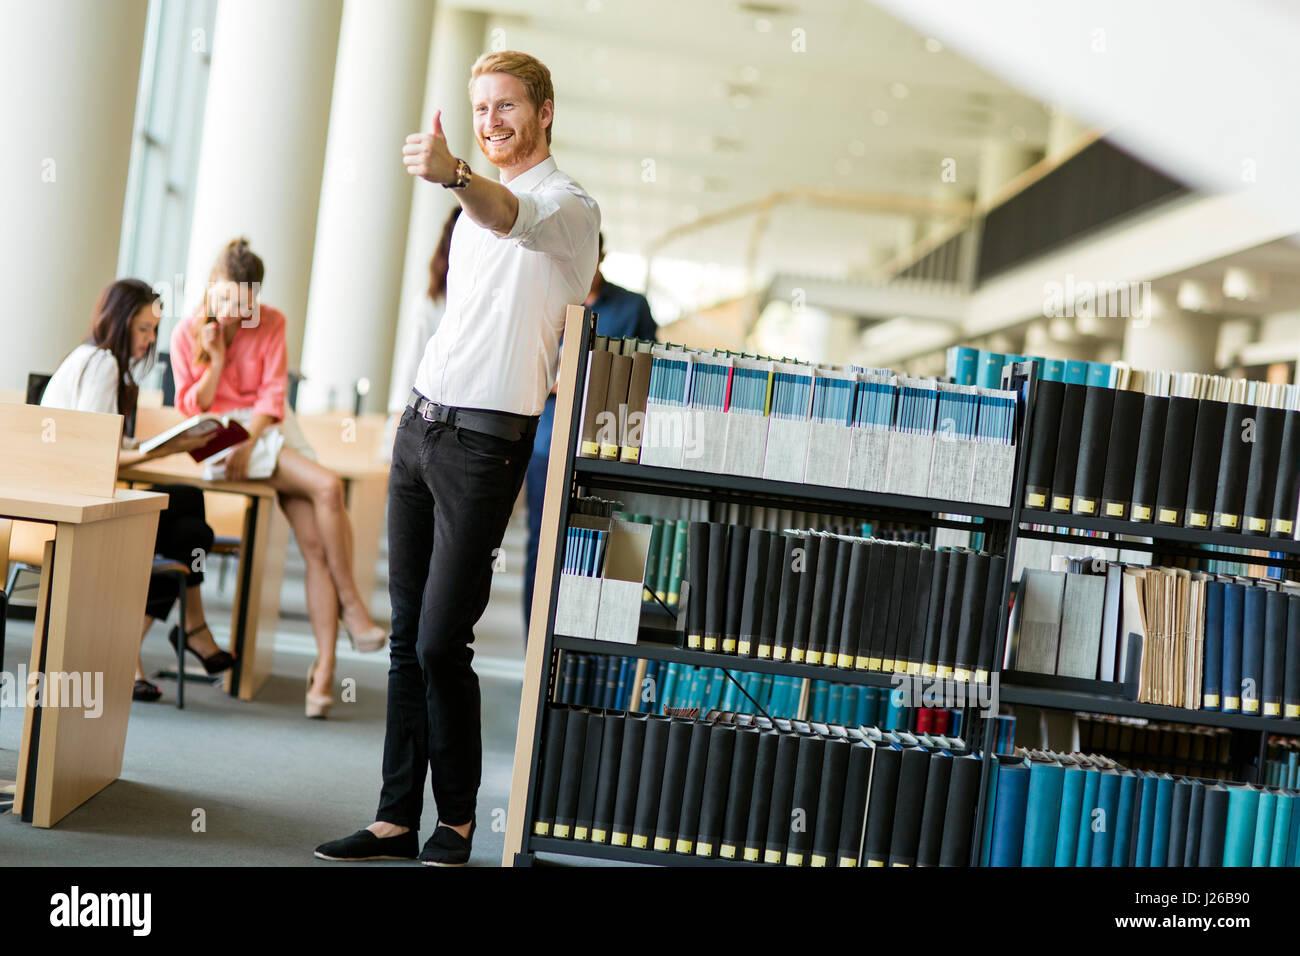 Groupe de jeunes gens qui étudient la lecture et l'éducation elles-mêmes dans la bibliothèque Photo Stock